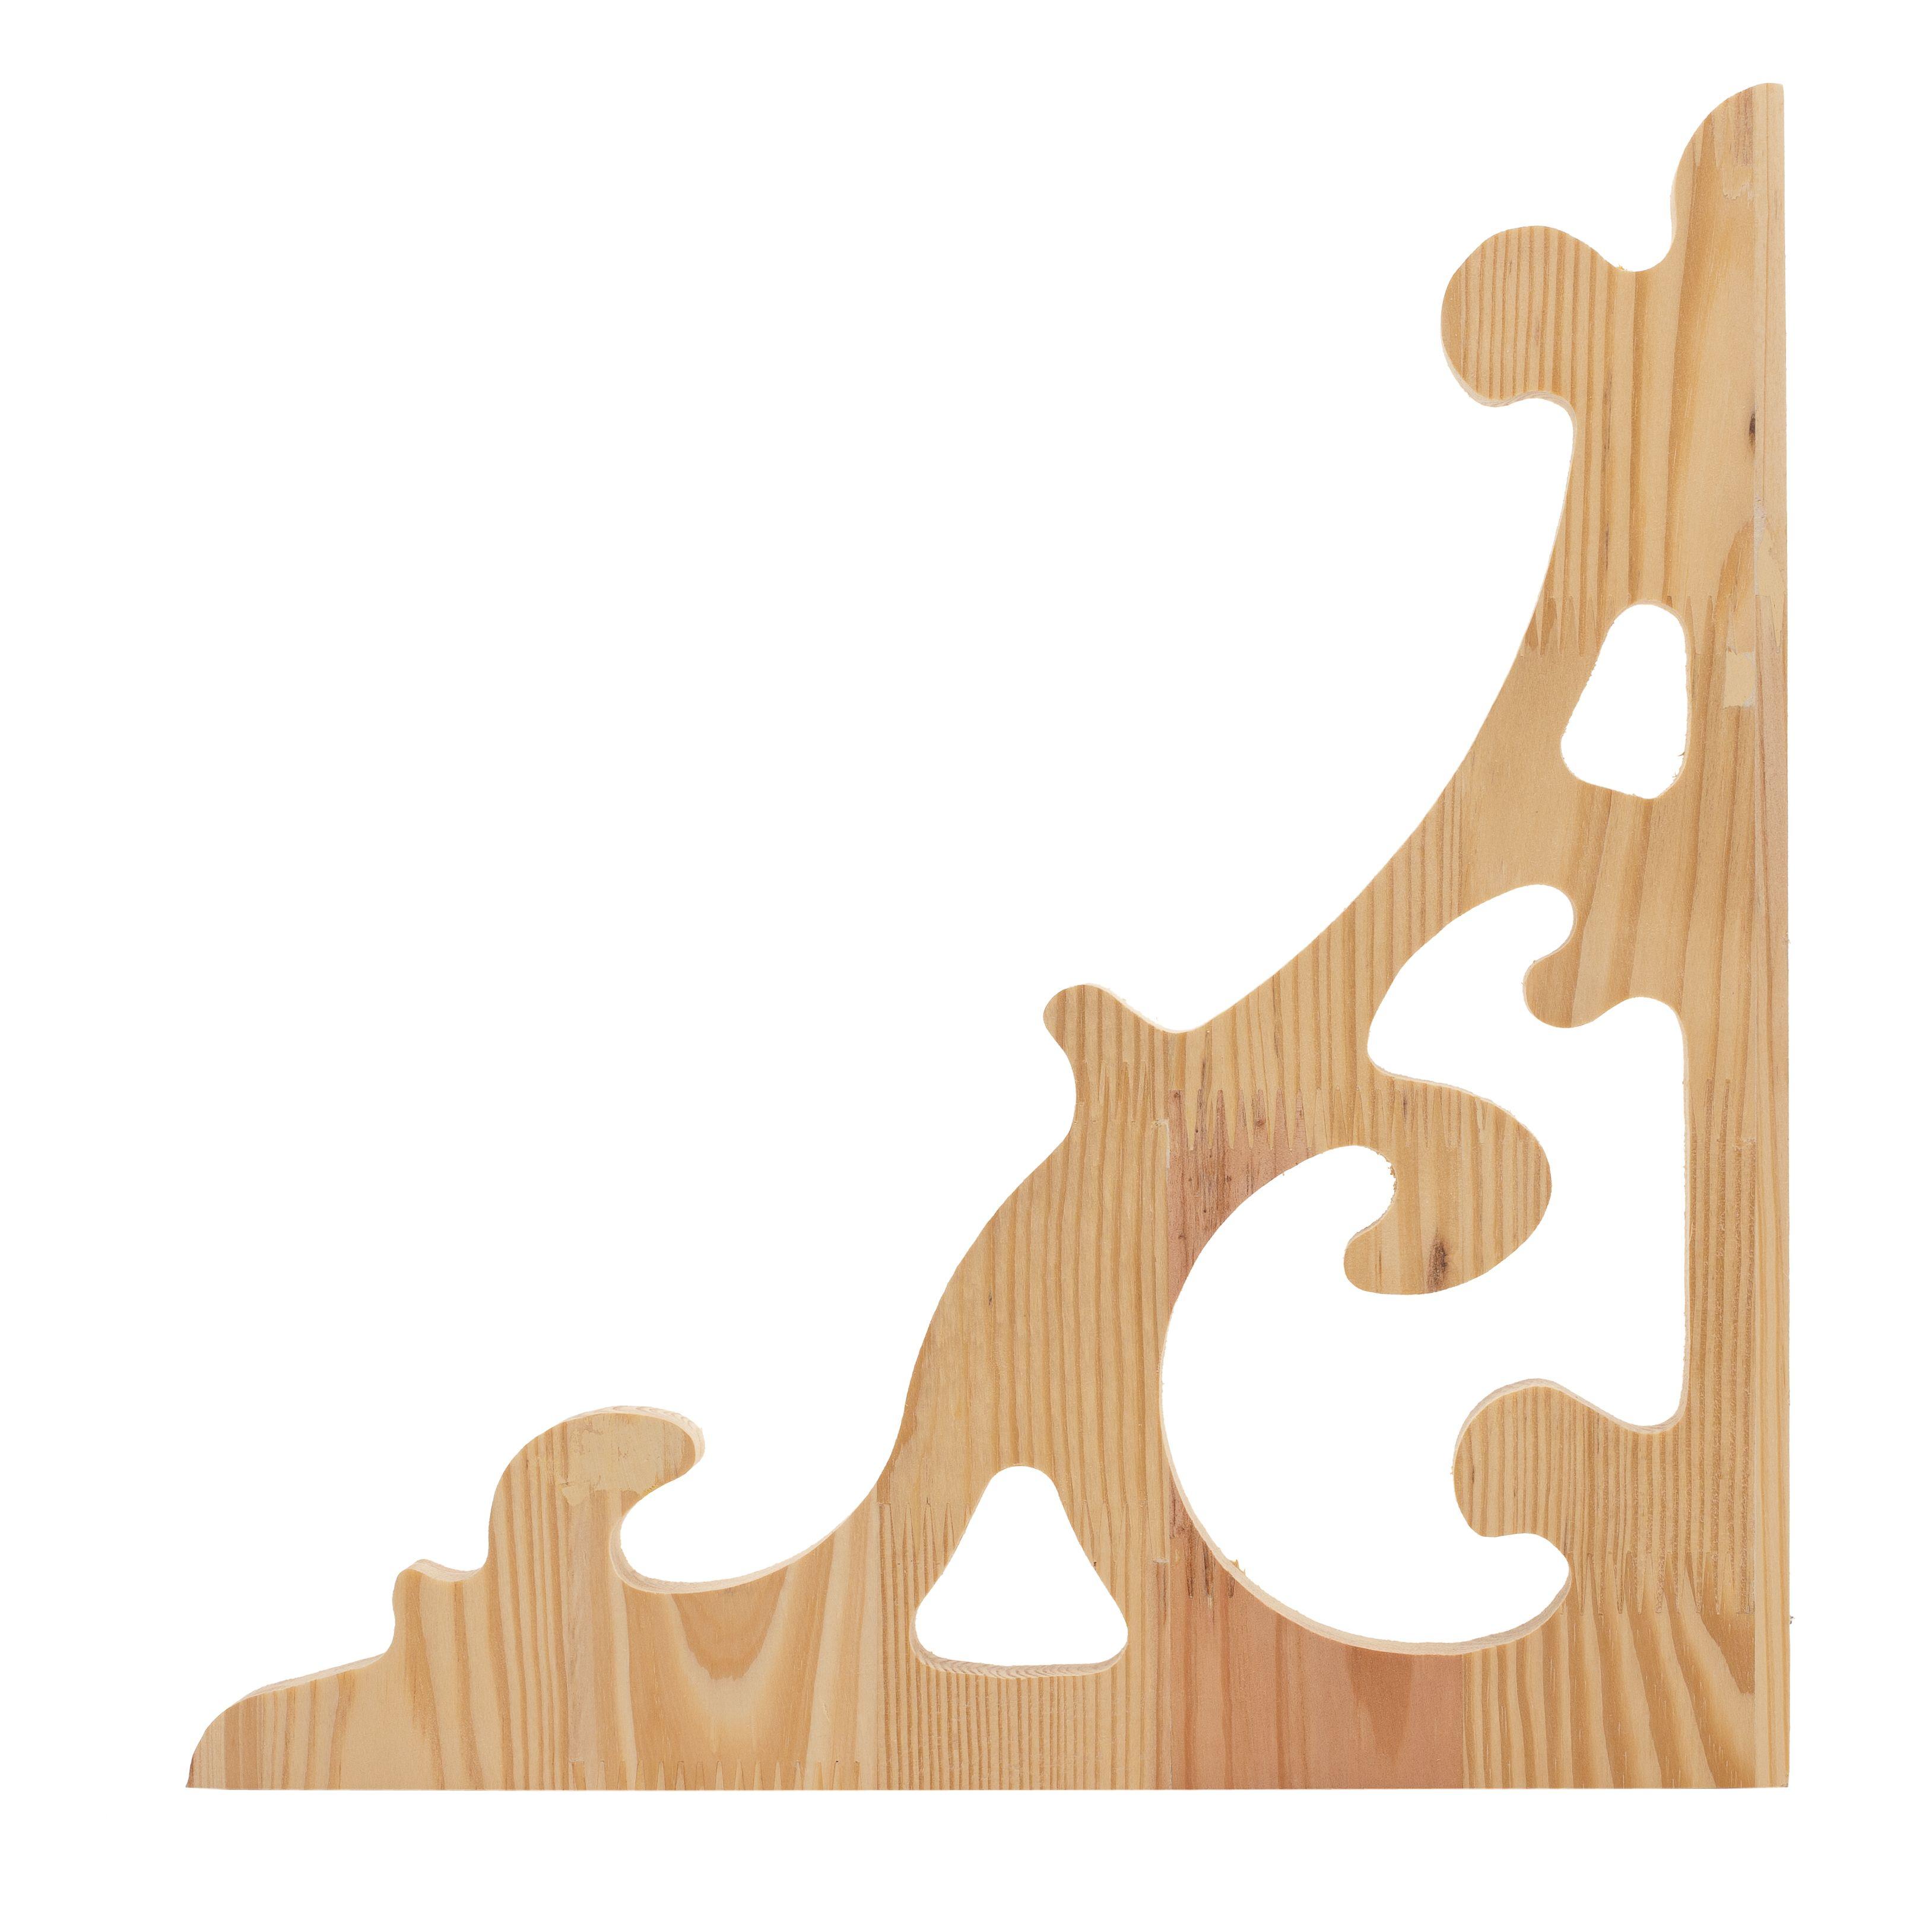 Bracket Veranda and Corner 355x355mm Treat Pine Rg17 - Bunnings